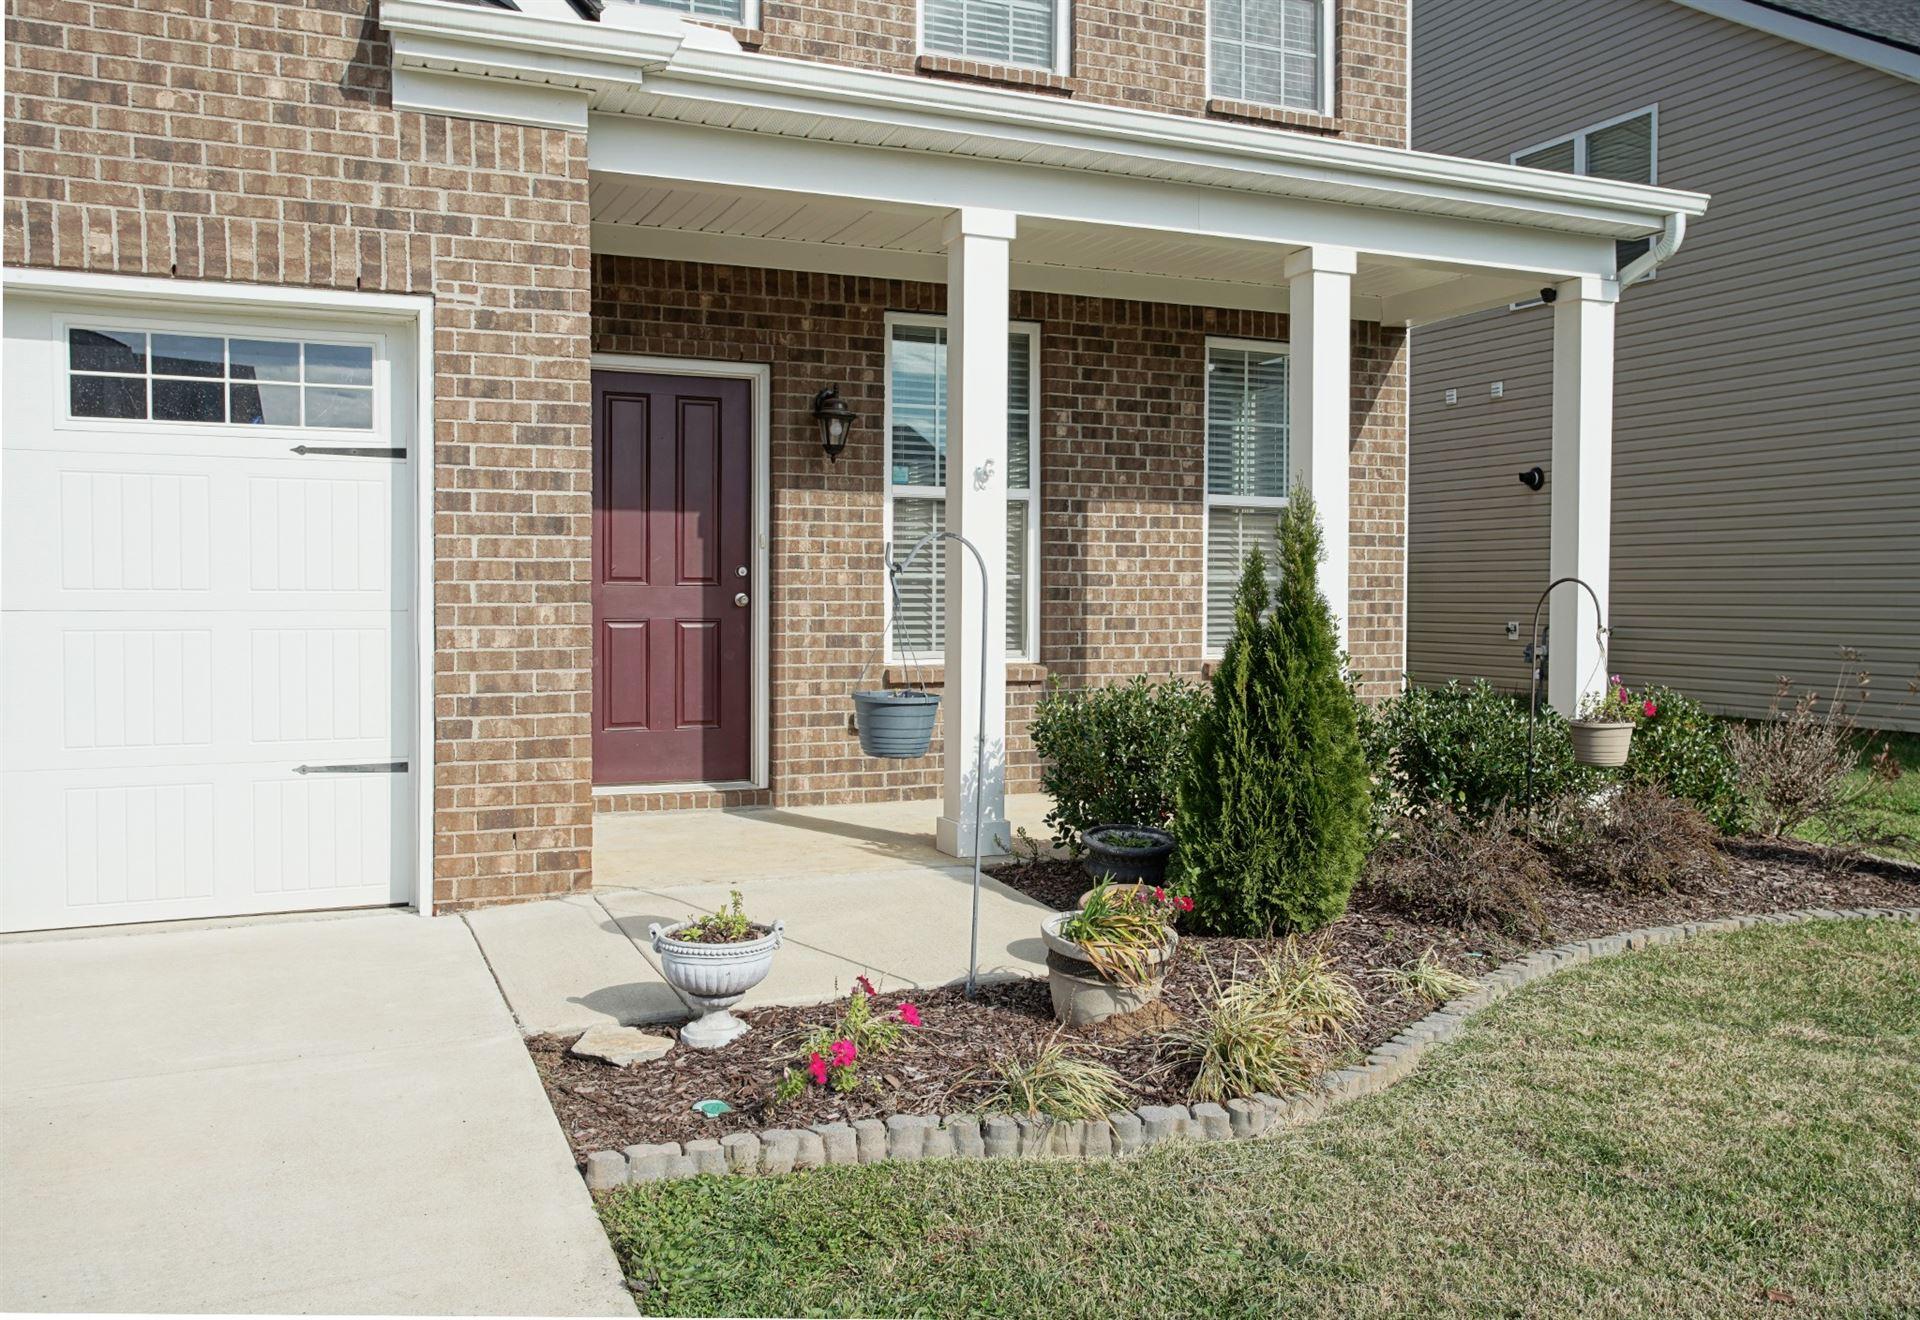 Photo of 3214 Amaranth Ave, Murfreesboro, TN 37128 (MLS # 2211208)